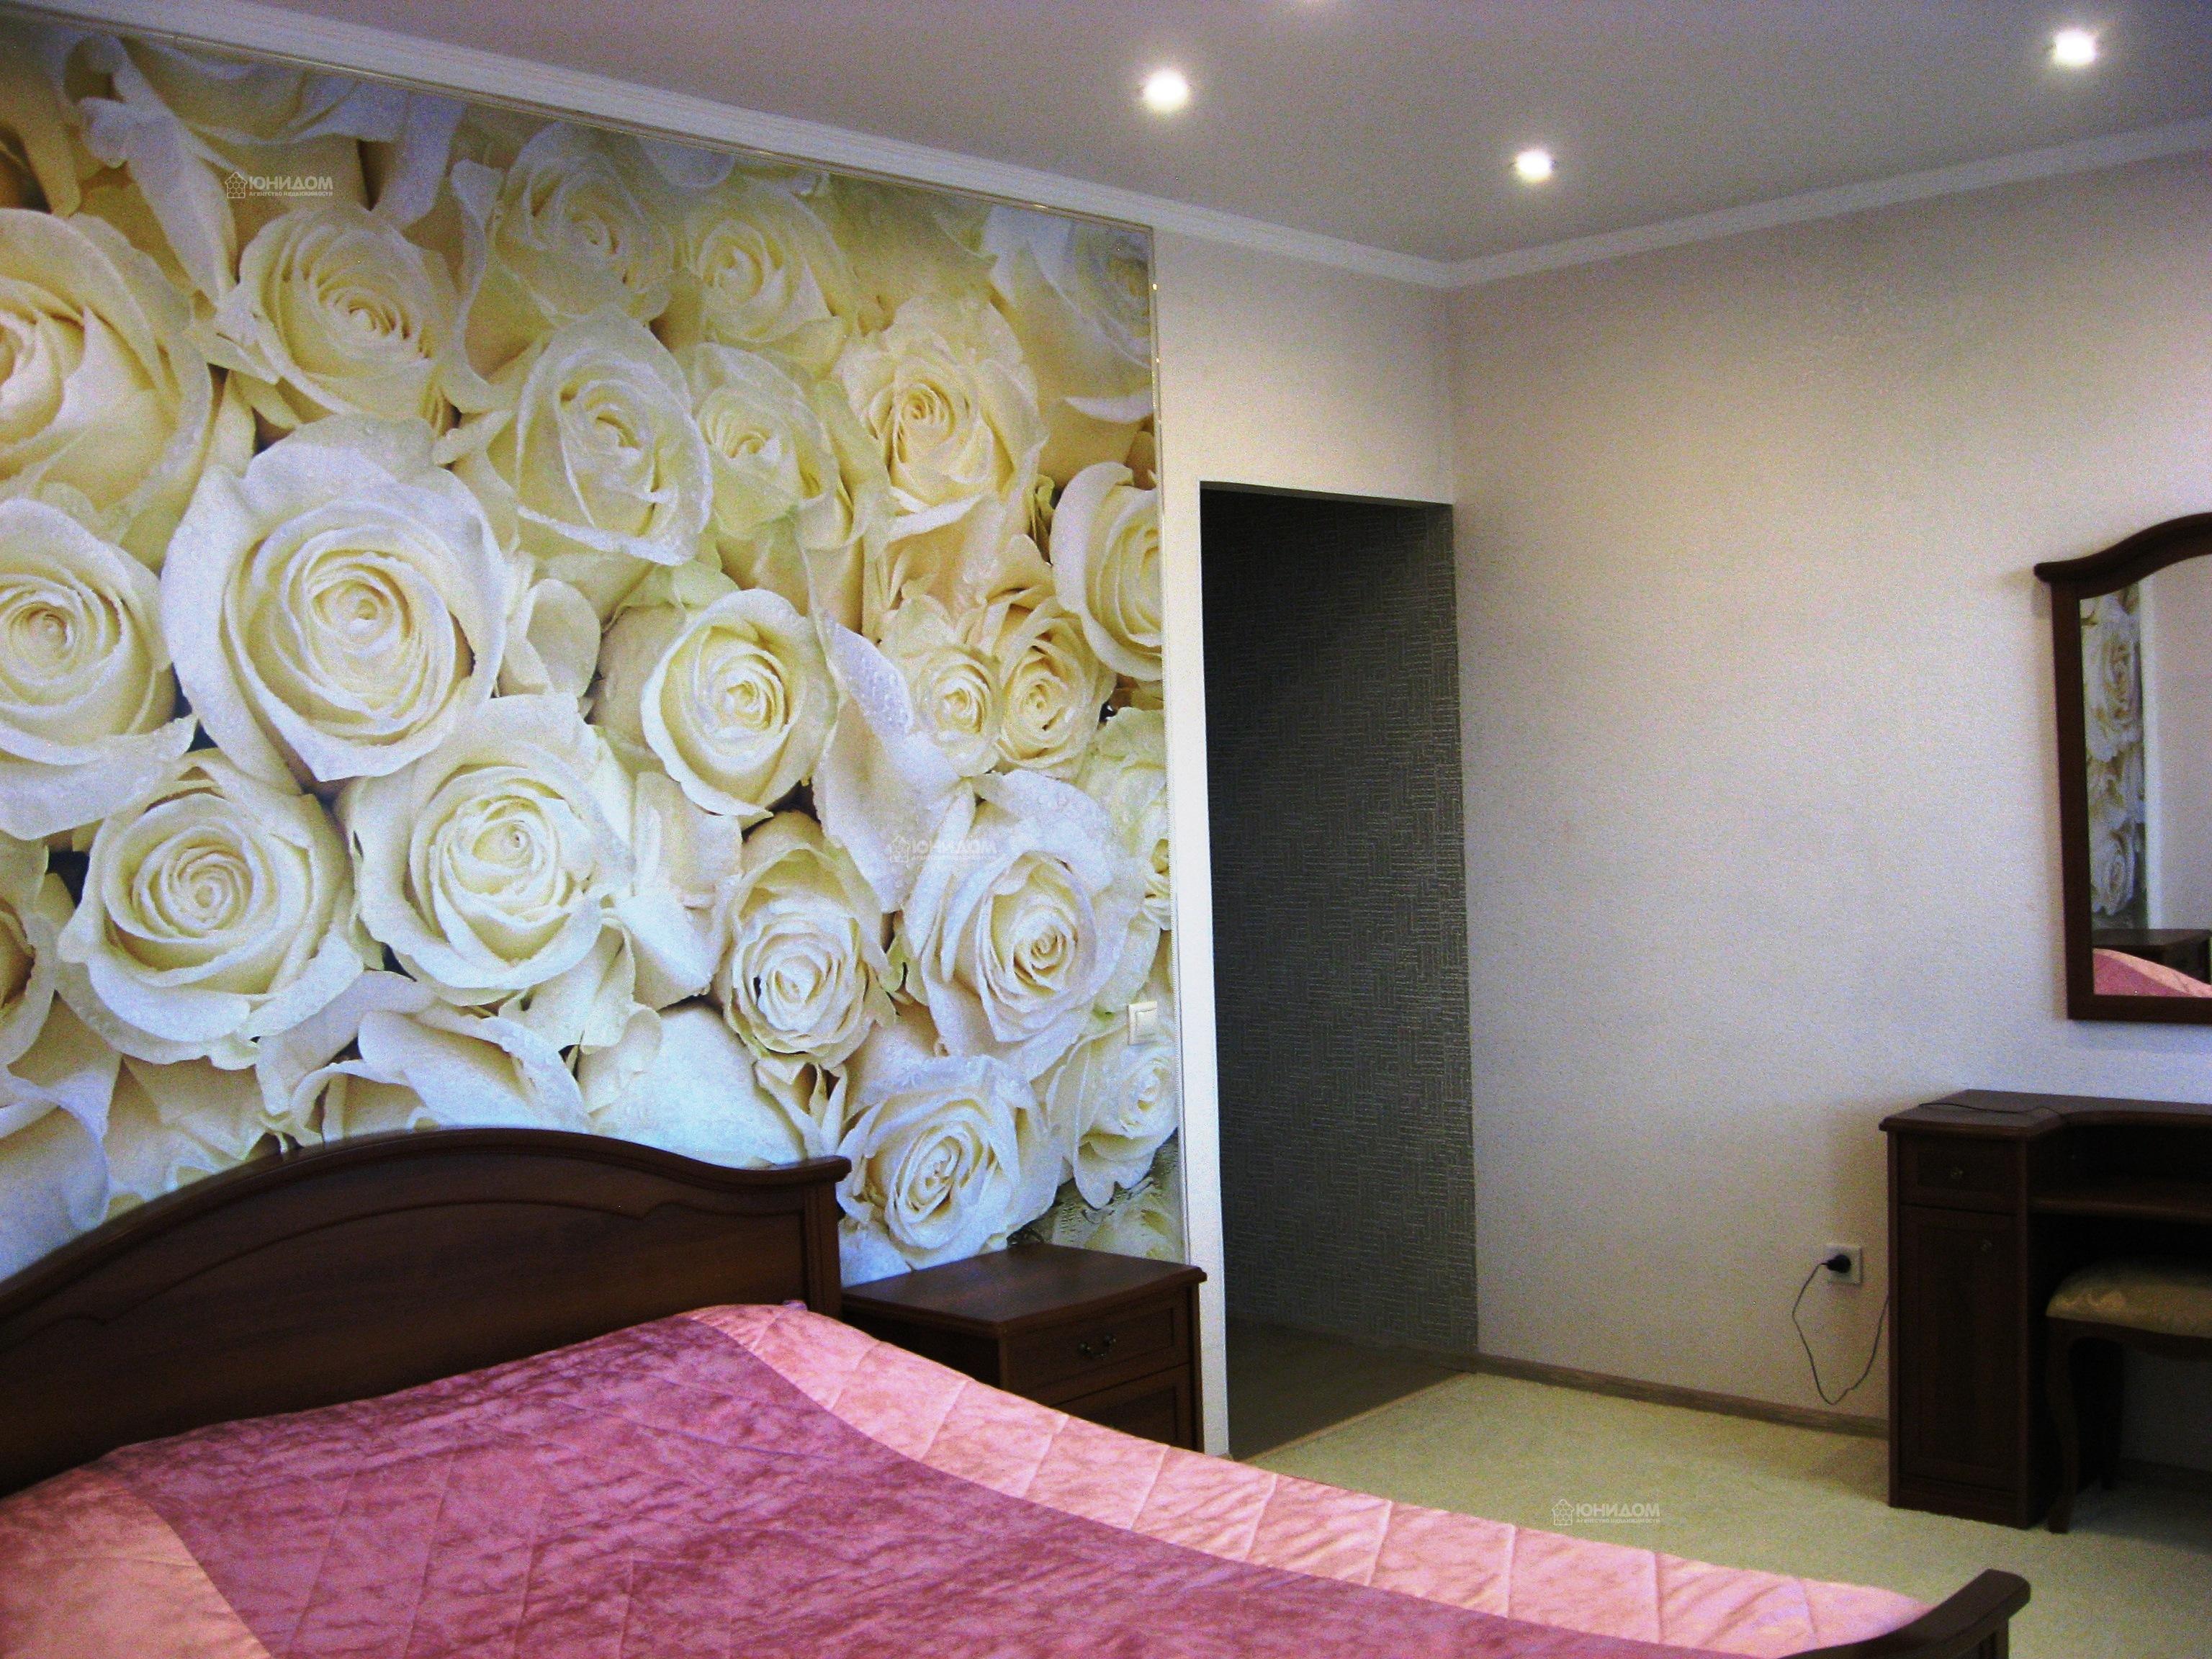 Продам 3-комн. квартиру по адресу Россия, Тюменская область, Тюмень, Беловежская 7 к1 фото 0 по выгодной цене